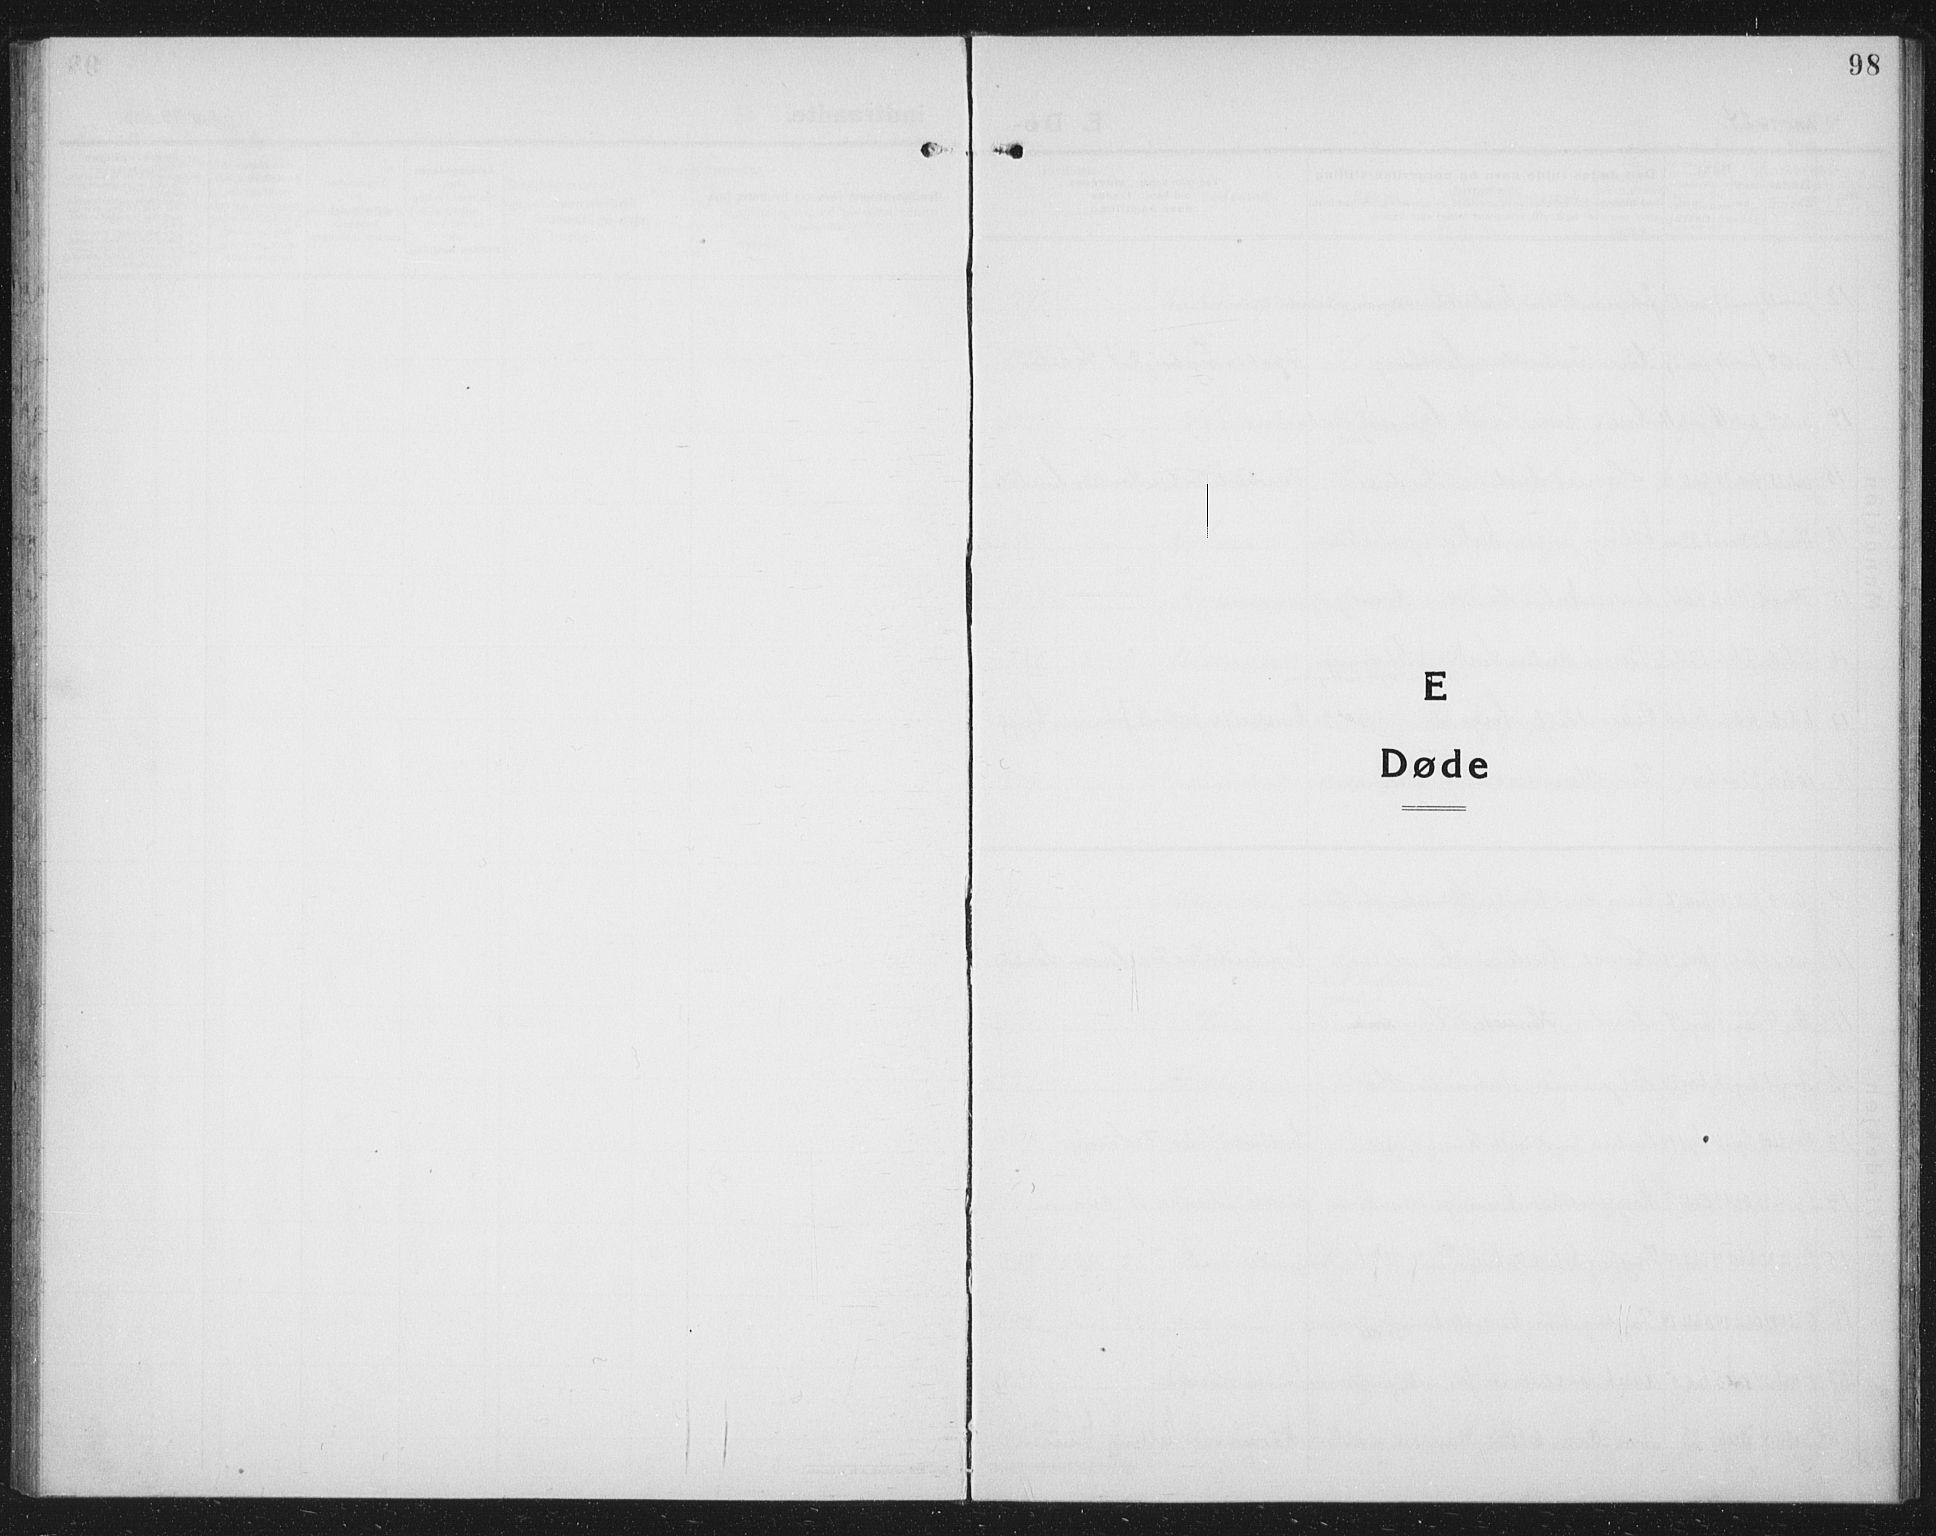 SAT, Ministerialprotokoller, klokkerbøker og fødselsregistre - Nord-Trøndelag, 730/L0303: Parish register (copy) no. 730C06, 1924-1933, p. 98